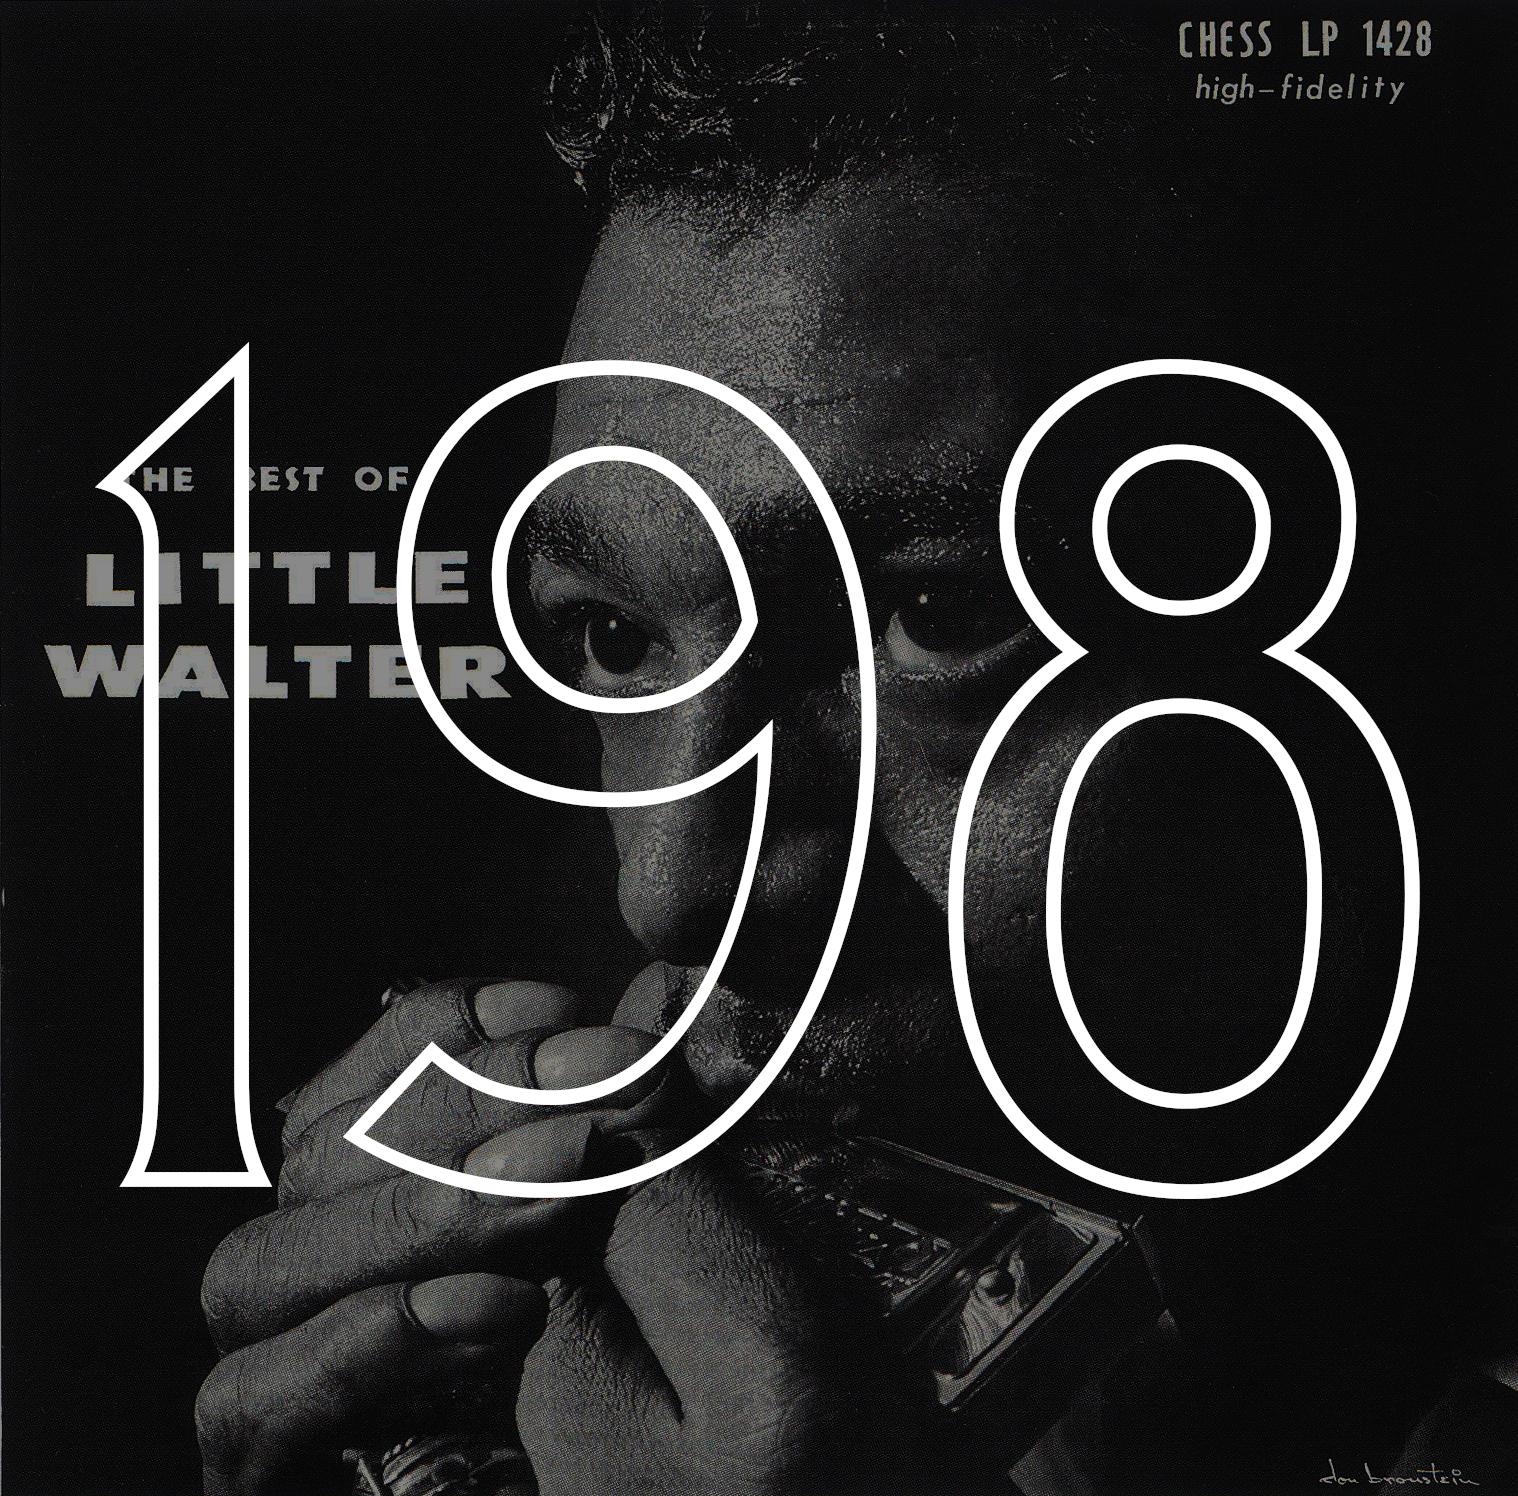 198 Best of Little Walter.jpg